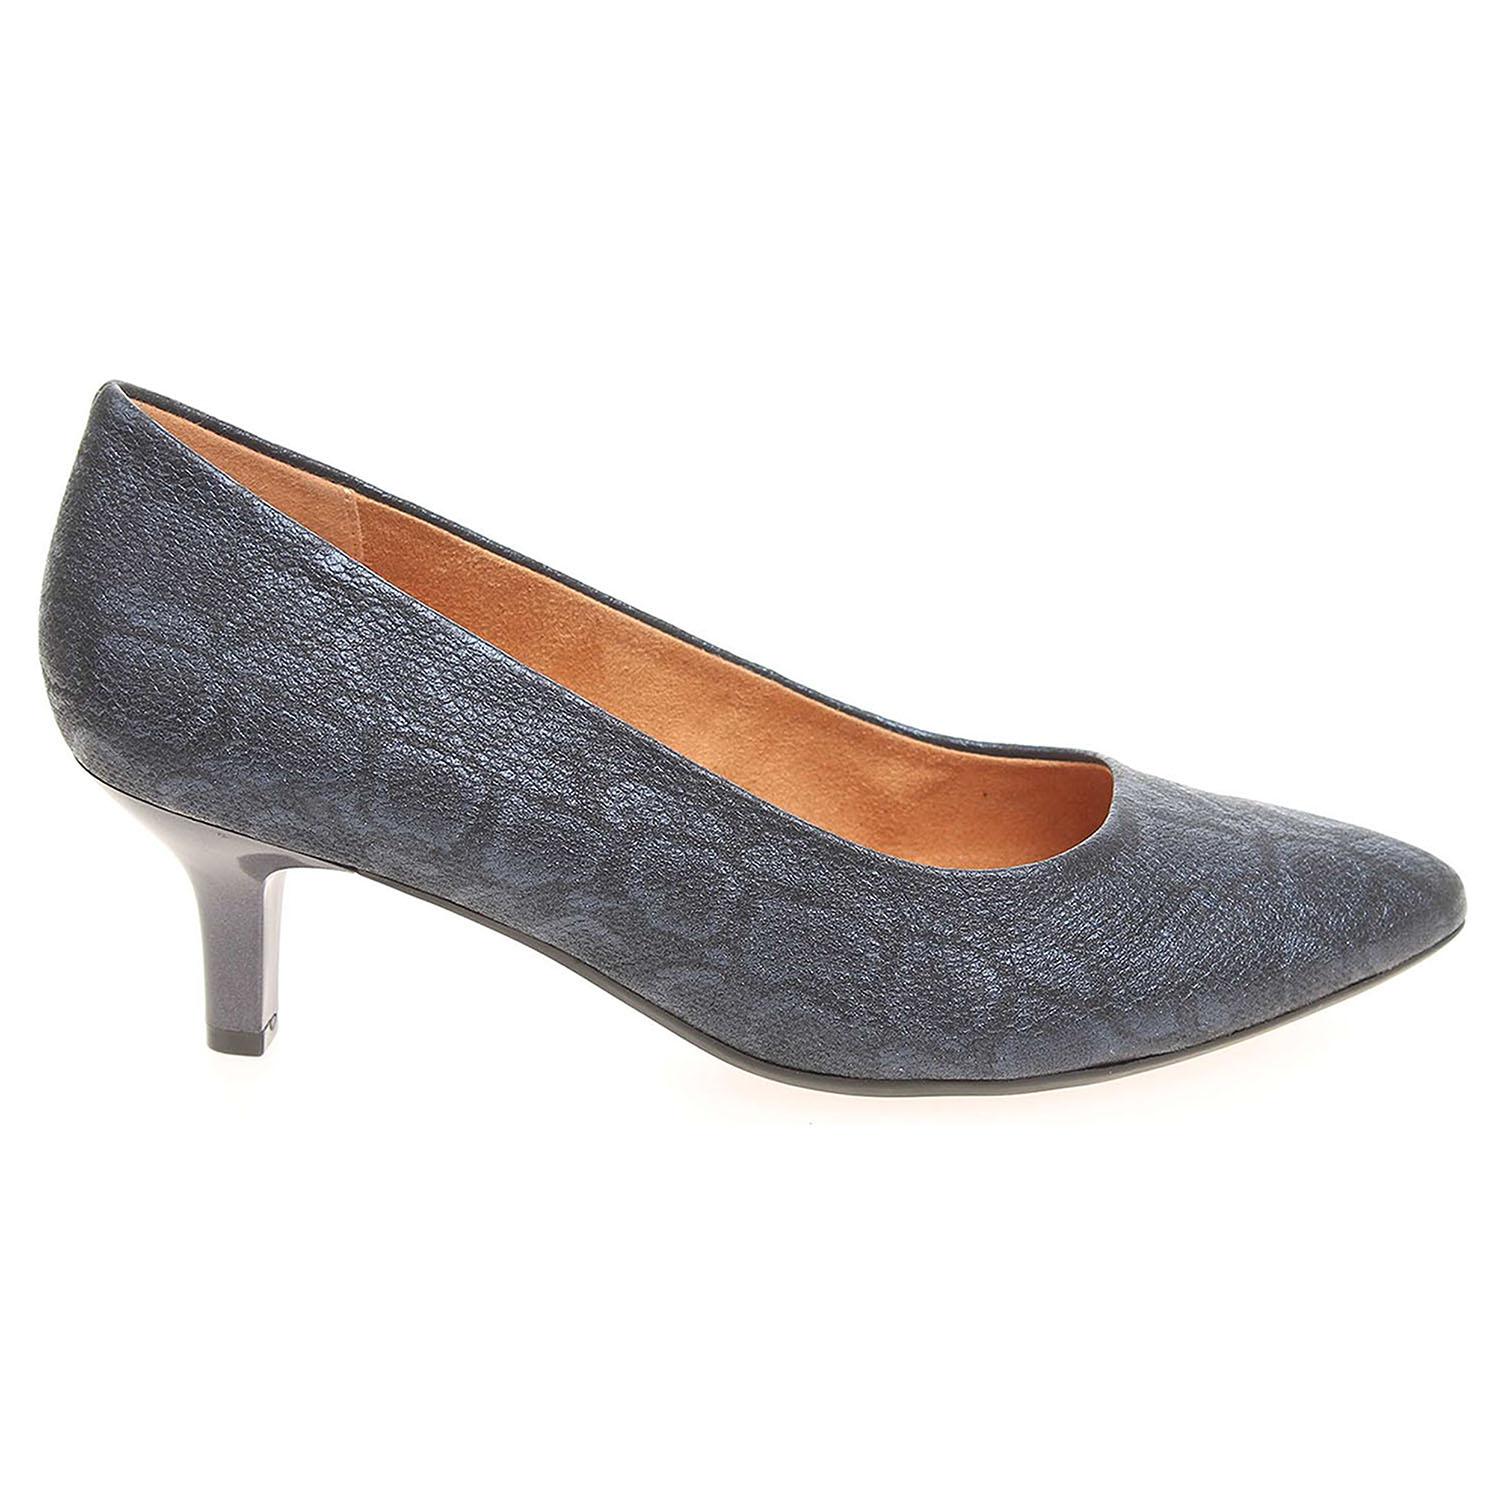 Ecco Caprice dámské lodičky 9-22406-27 modré 22901189